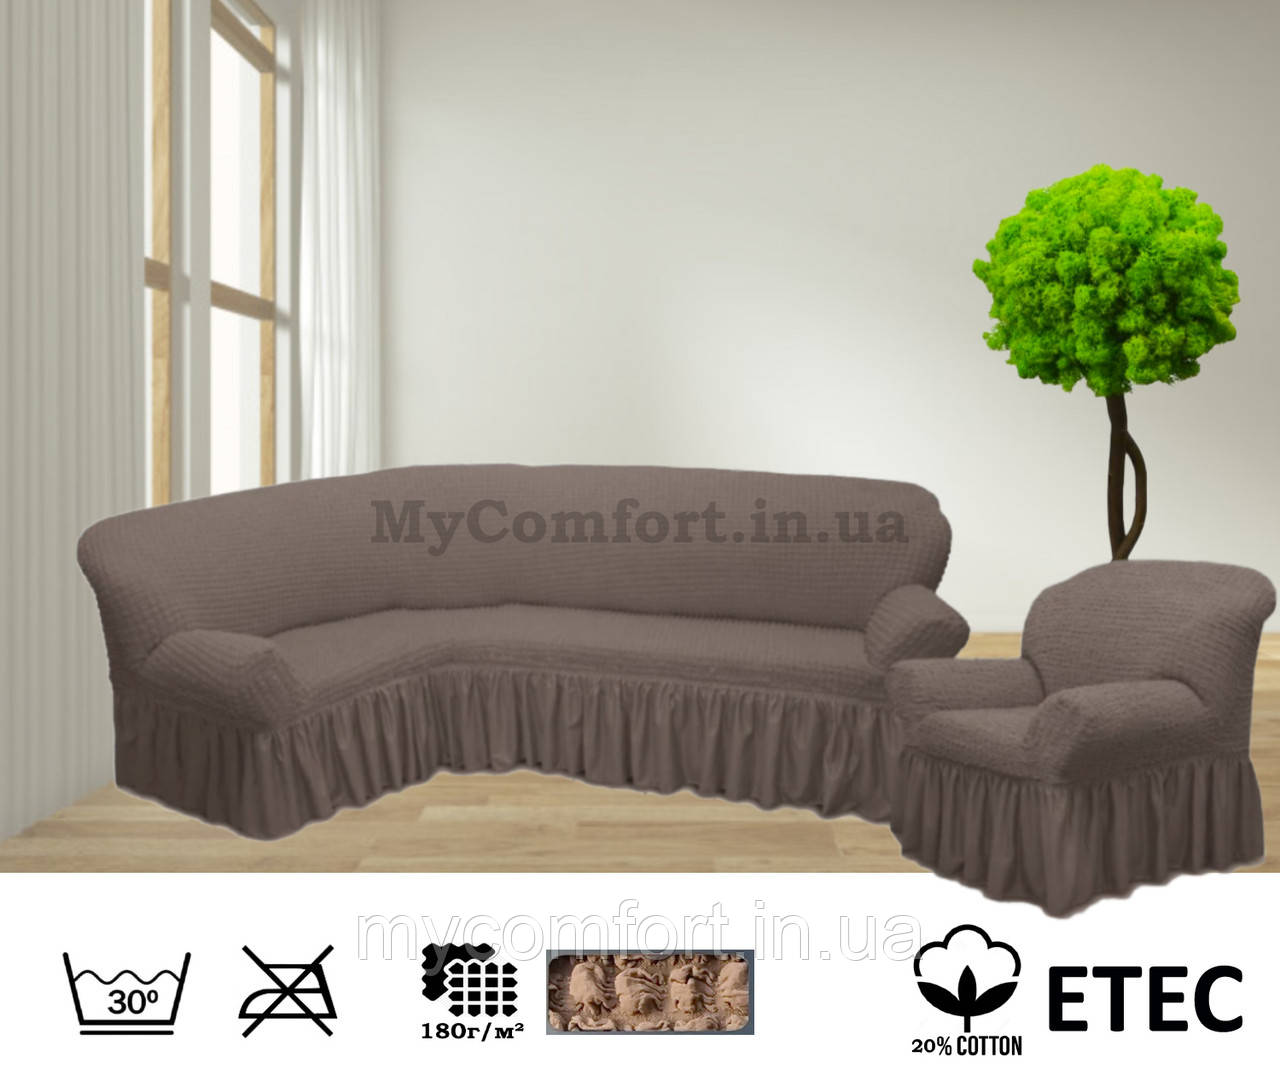 Чехол на угловой диван и кресло. Кофе